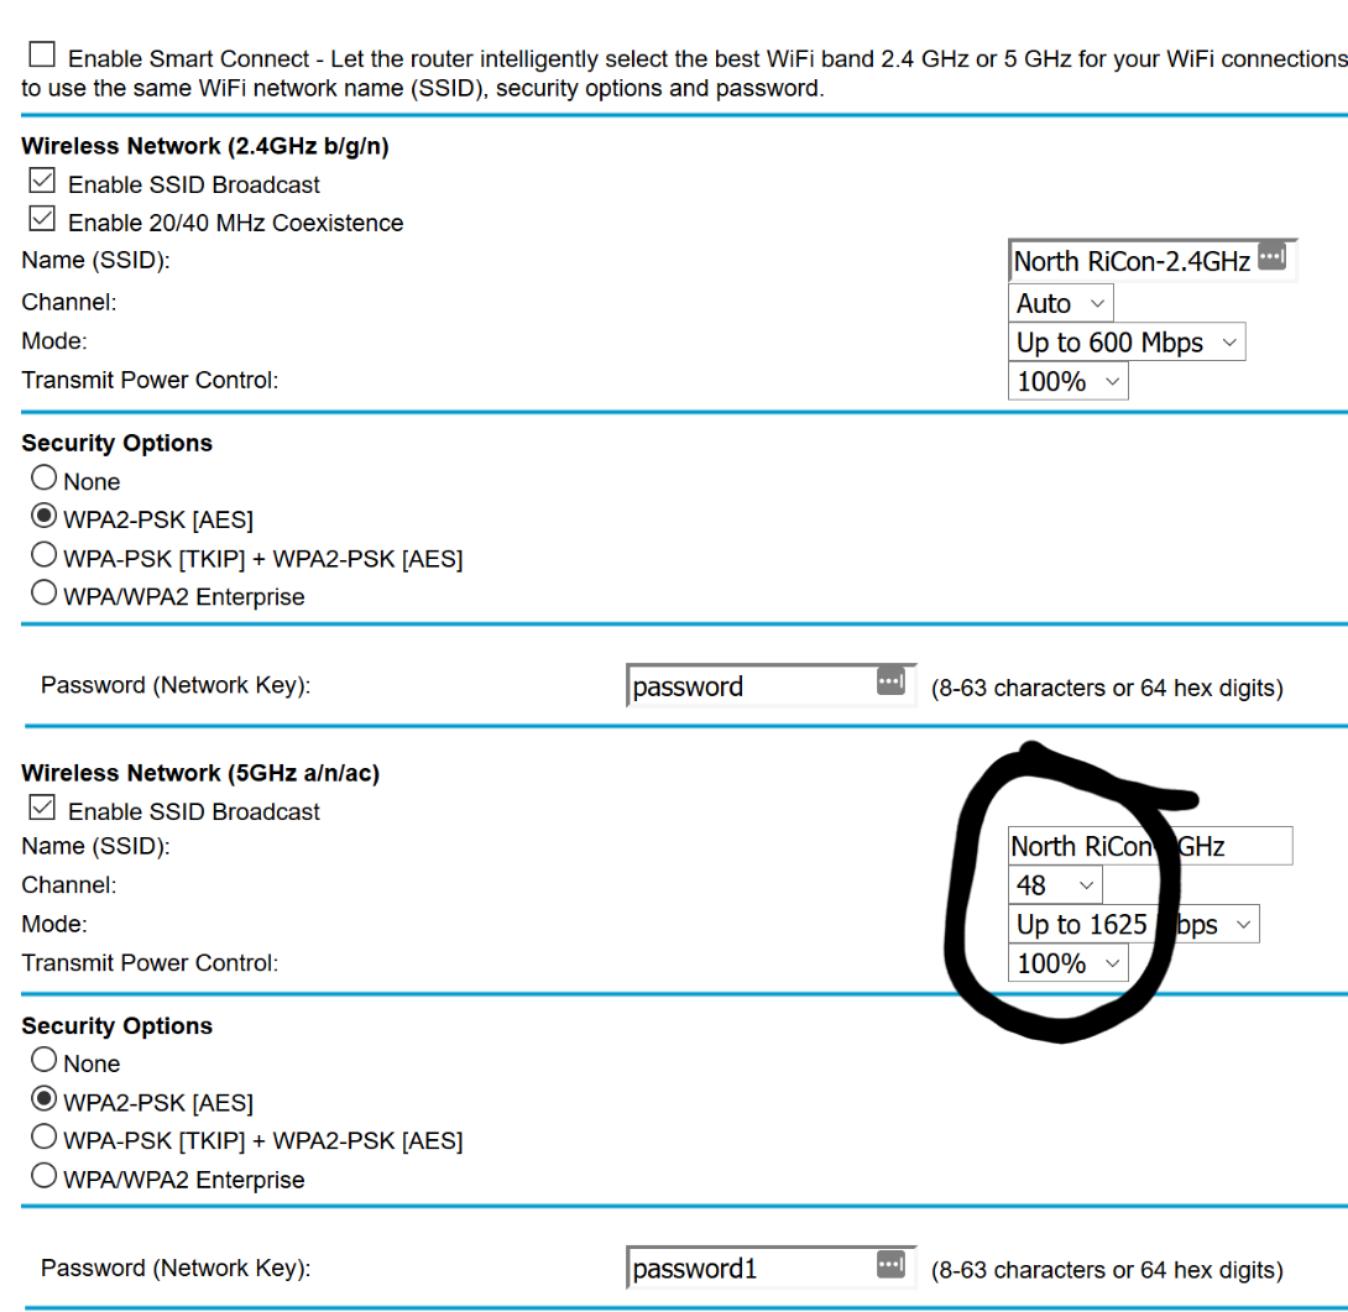 5Ghz Not Visible - NETGEAR Communities